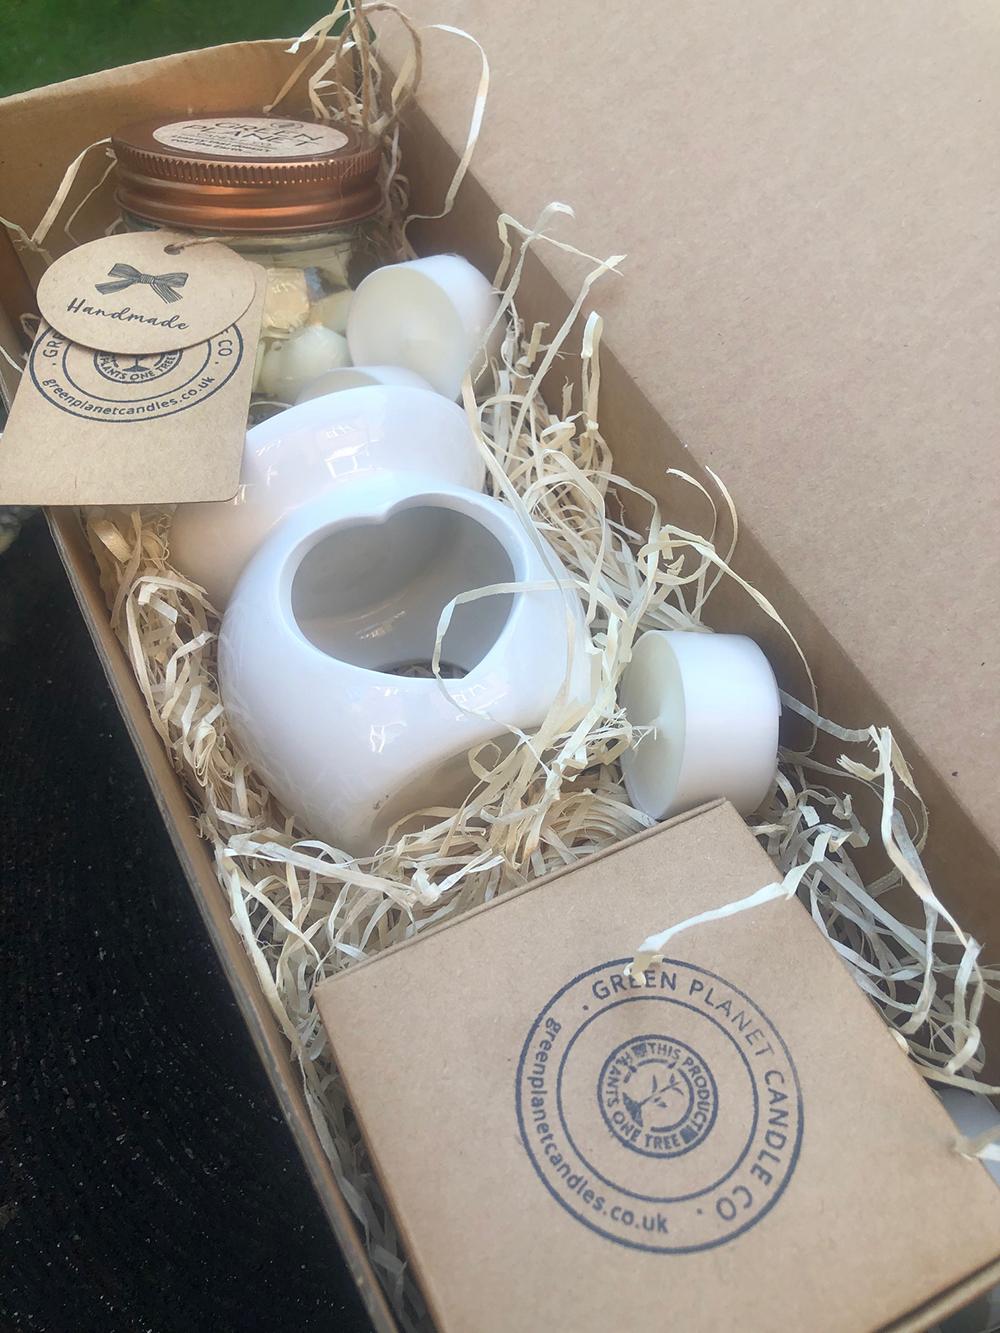 Melt gift sets